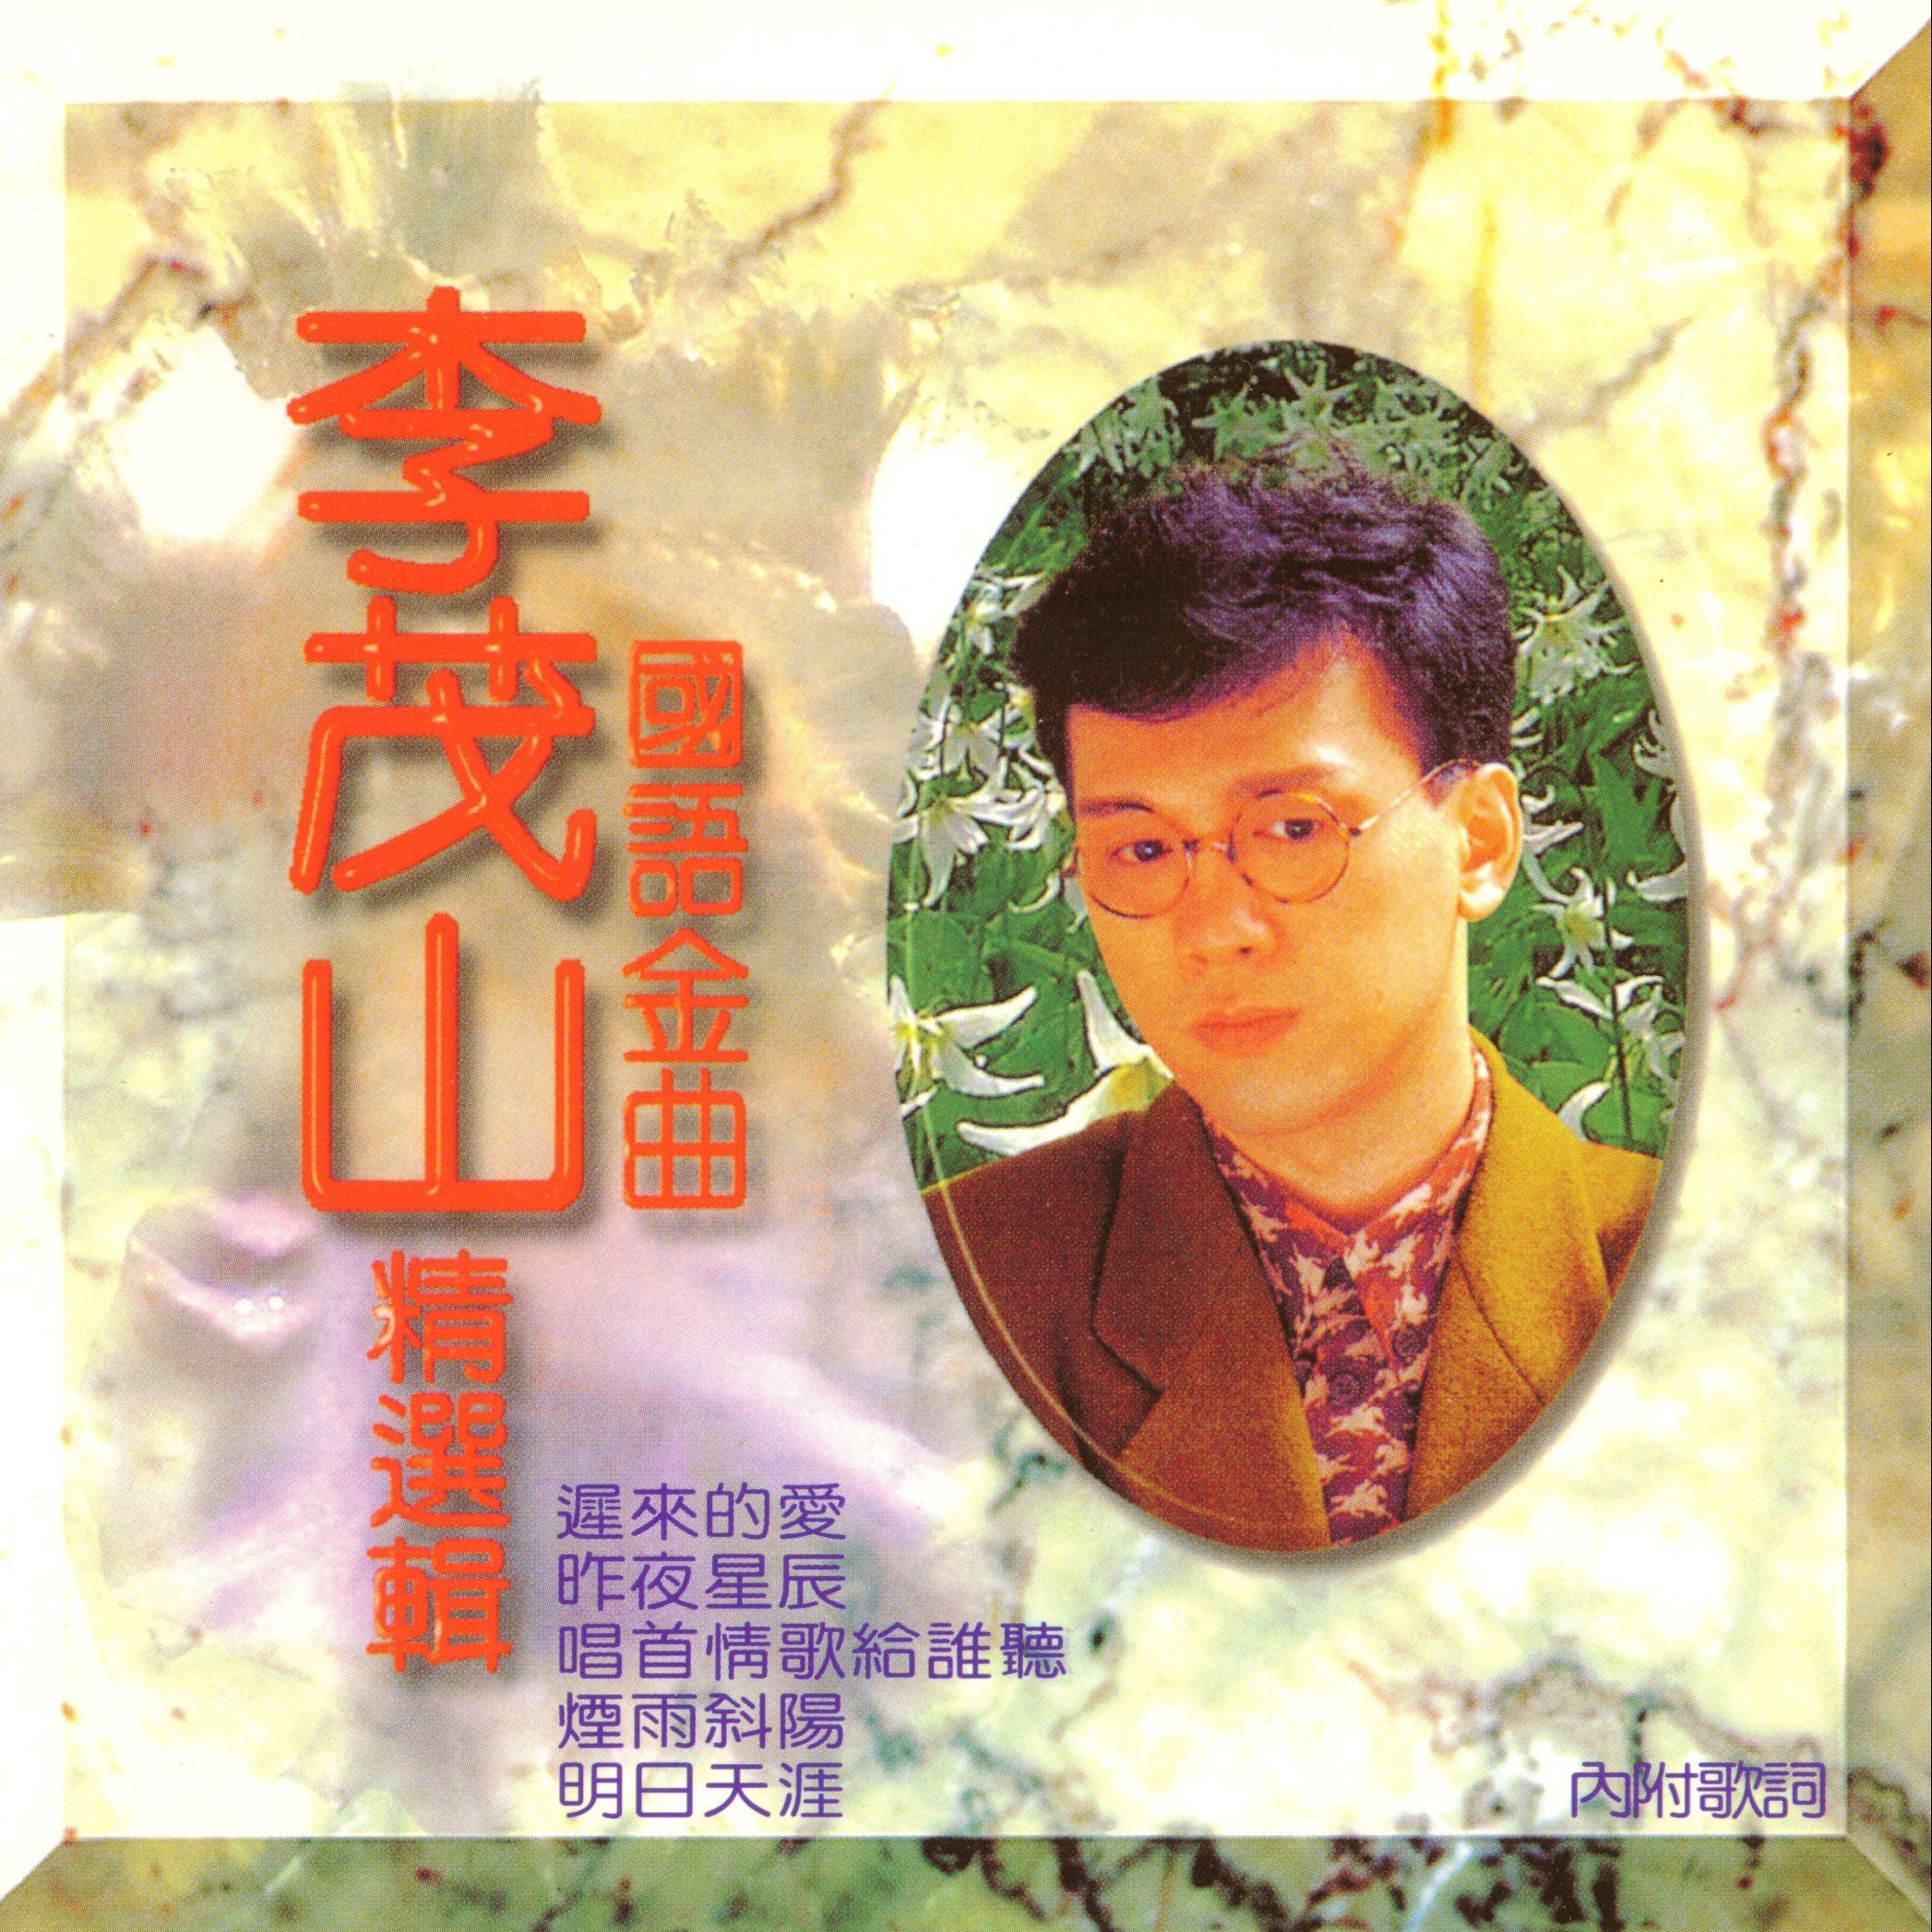 金曲精选(台湾首版)/ Kim Khúc Tuyển Chọn (Bản Đài Loan) - Lý Mậu Sơn